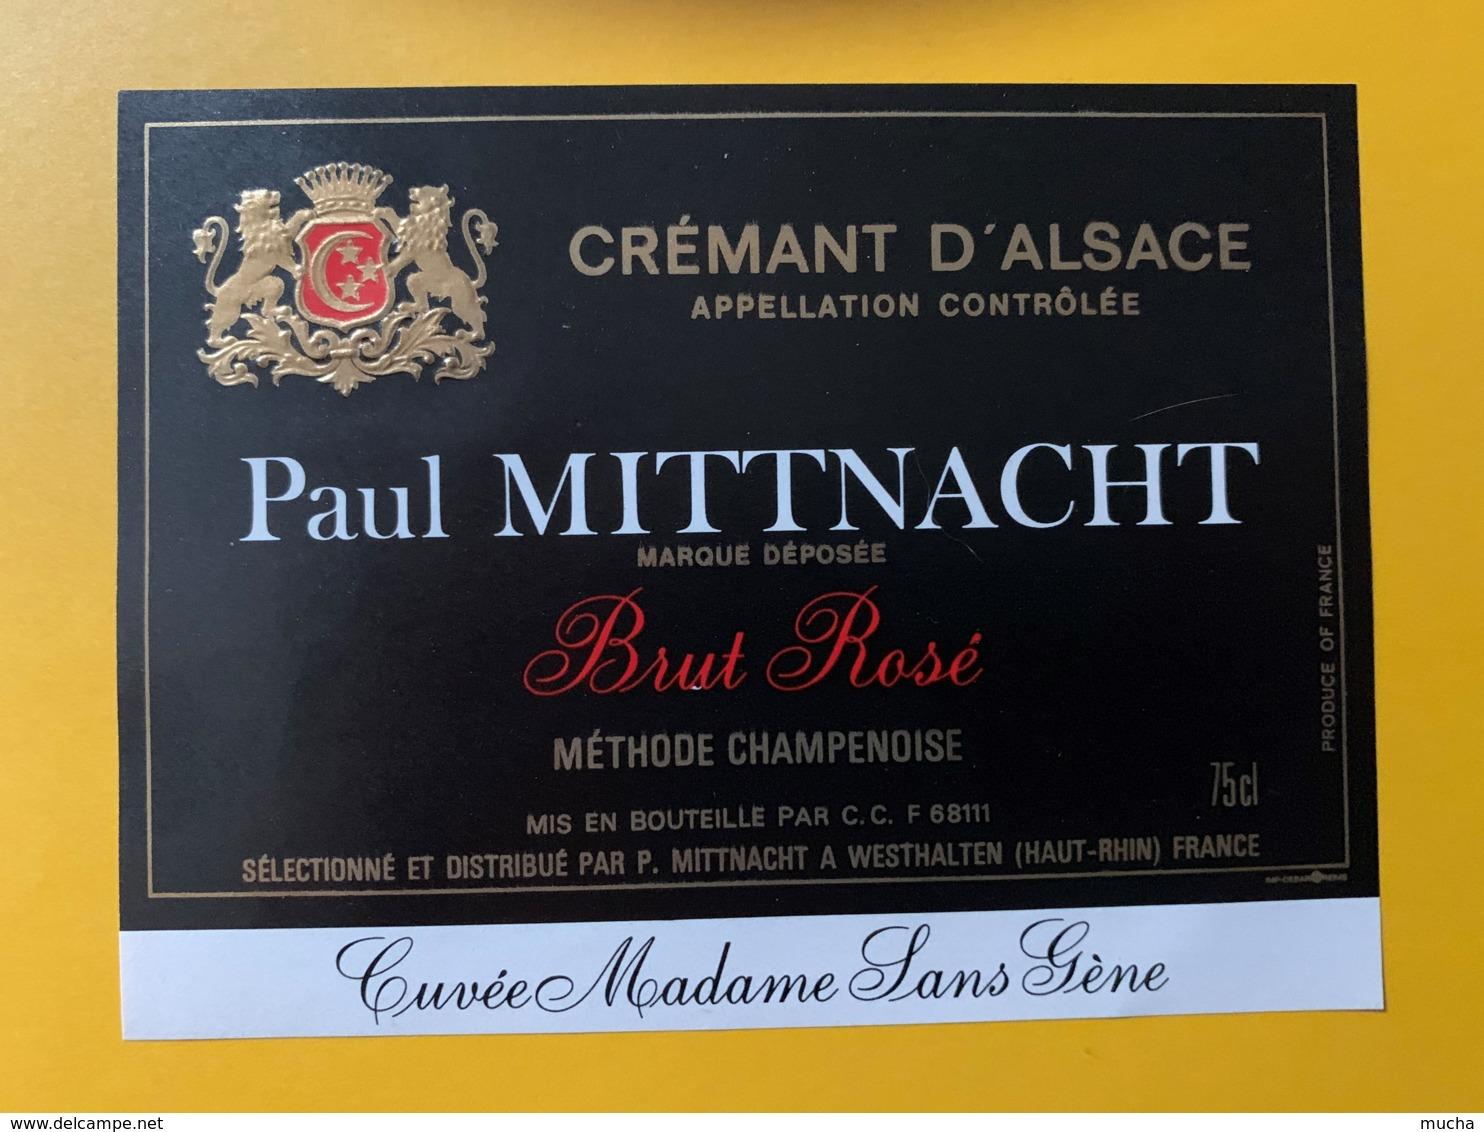 9257 - Crémant D'Alsace Paul Mittnacht Brut Rosé Cuvée Madame Sans Gêne - Etiquettes